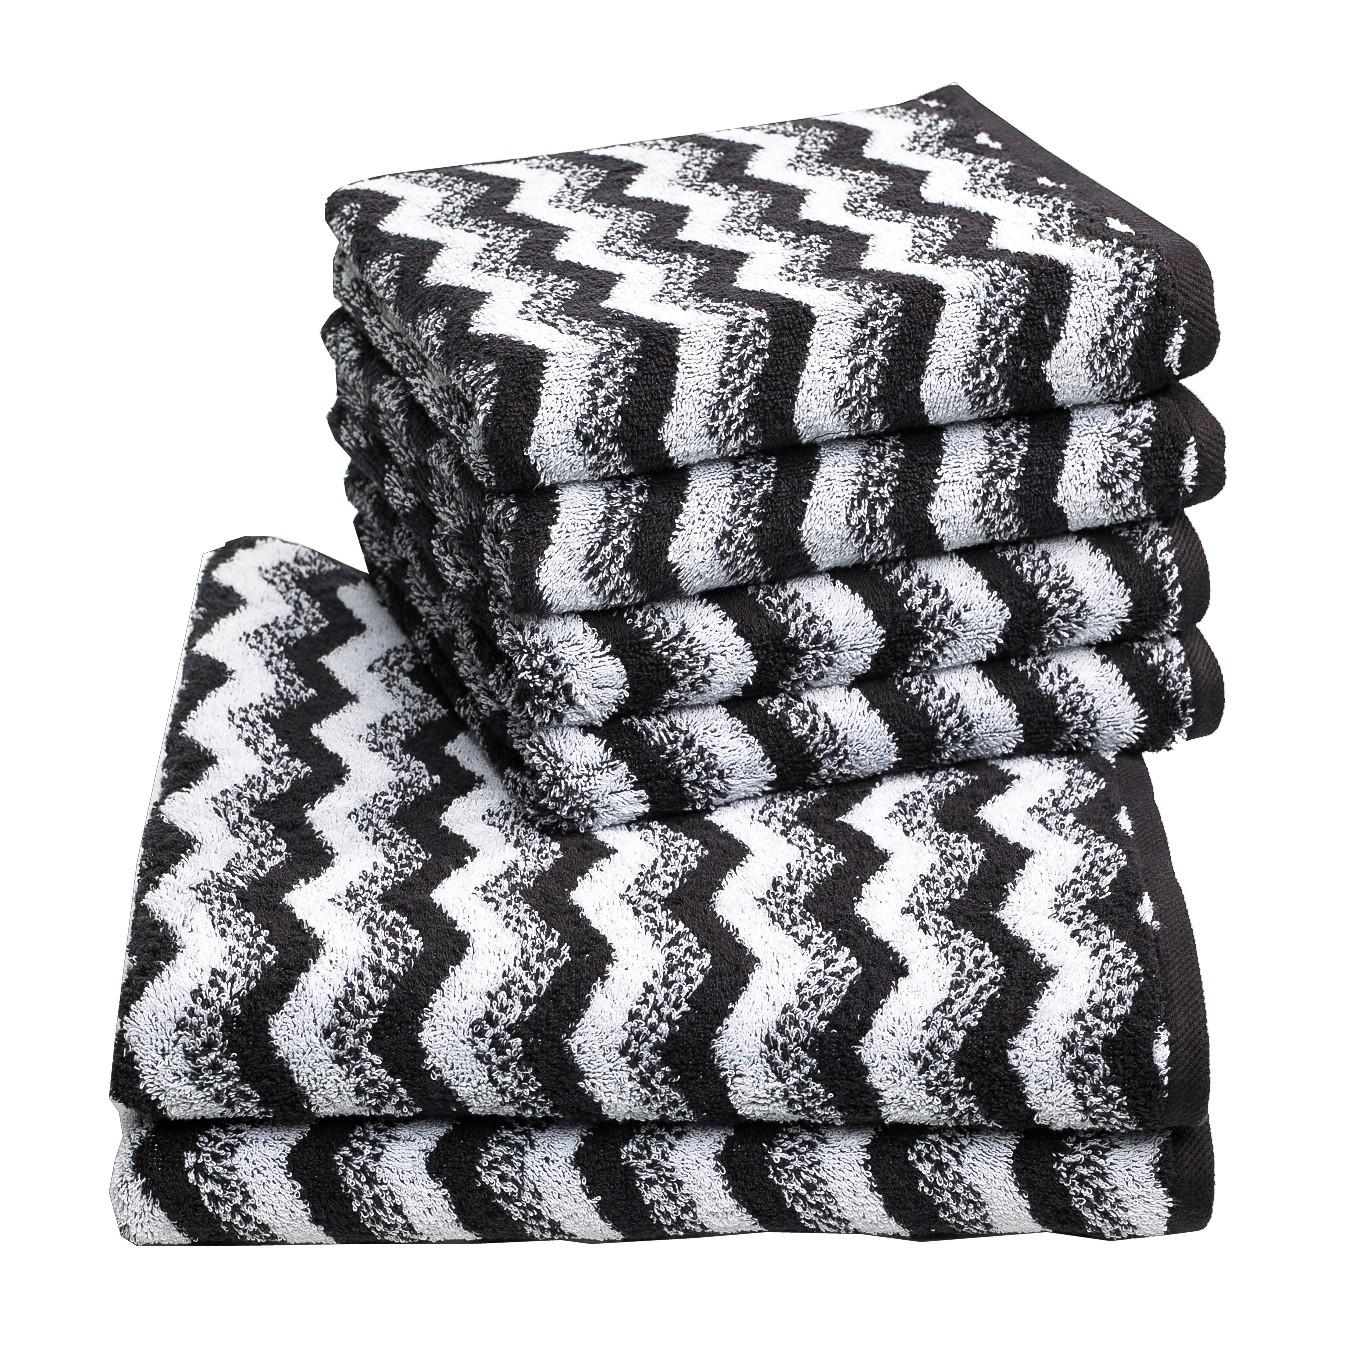 Handdoeken Zonza (6-delige set) - katoen - Zwart/wit, Vestio